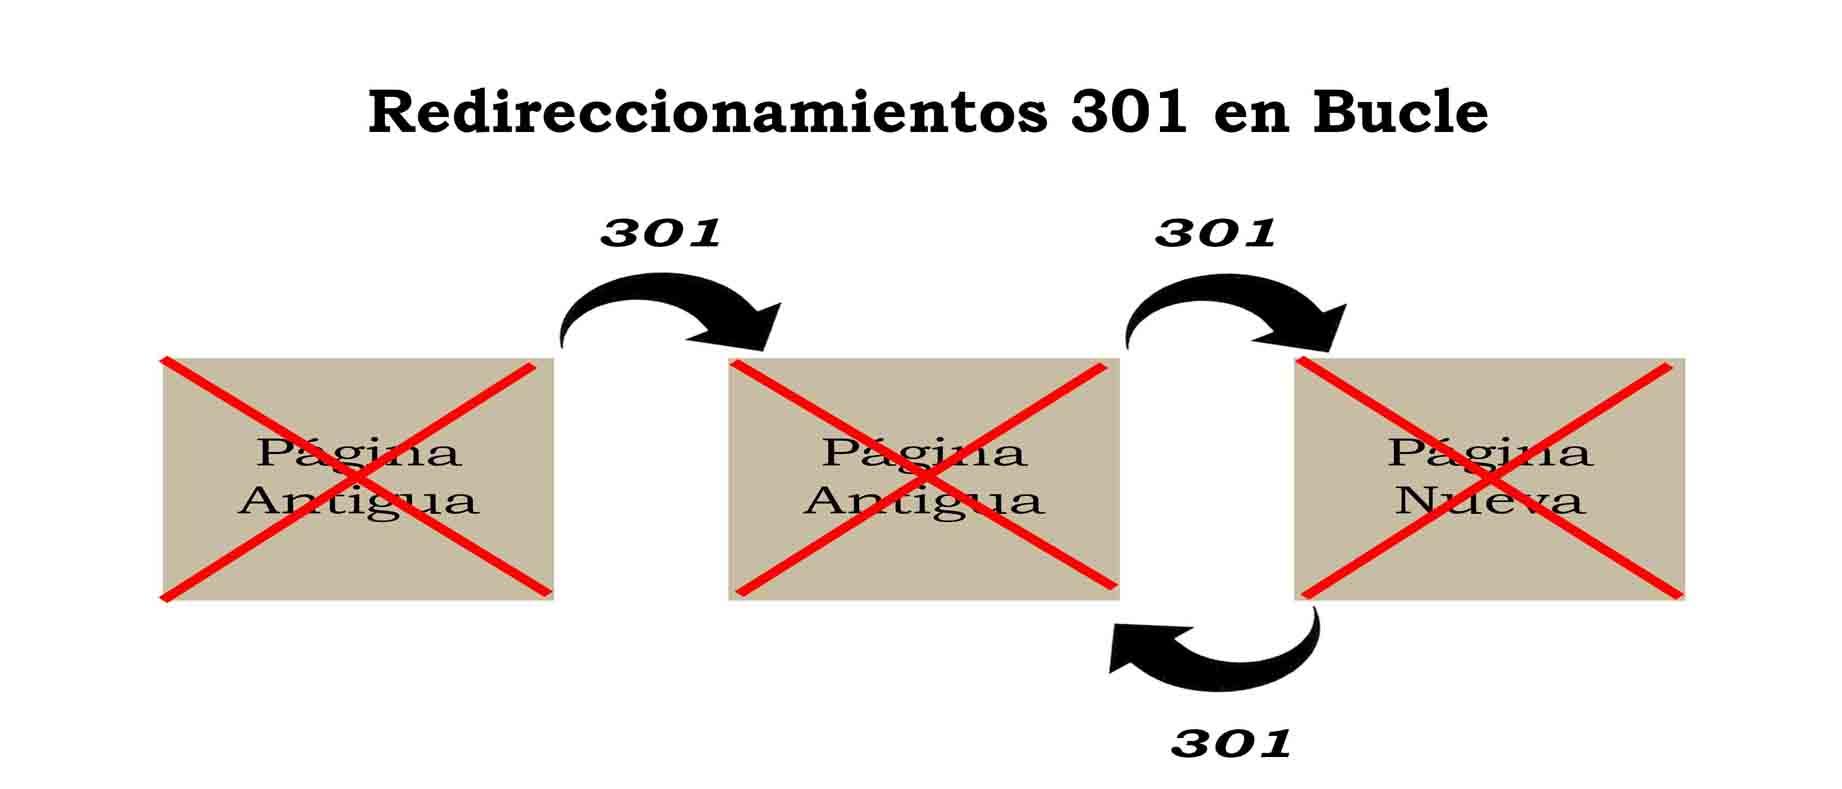 redireccionamientos en bucle